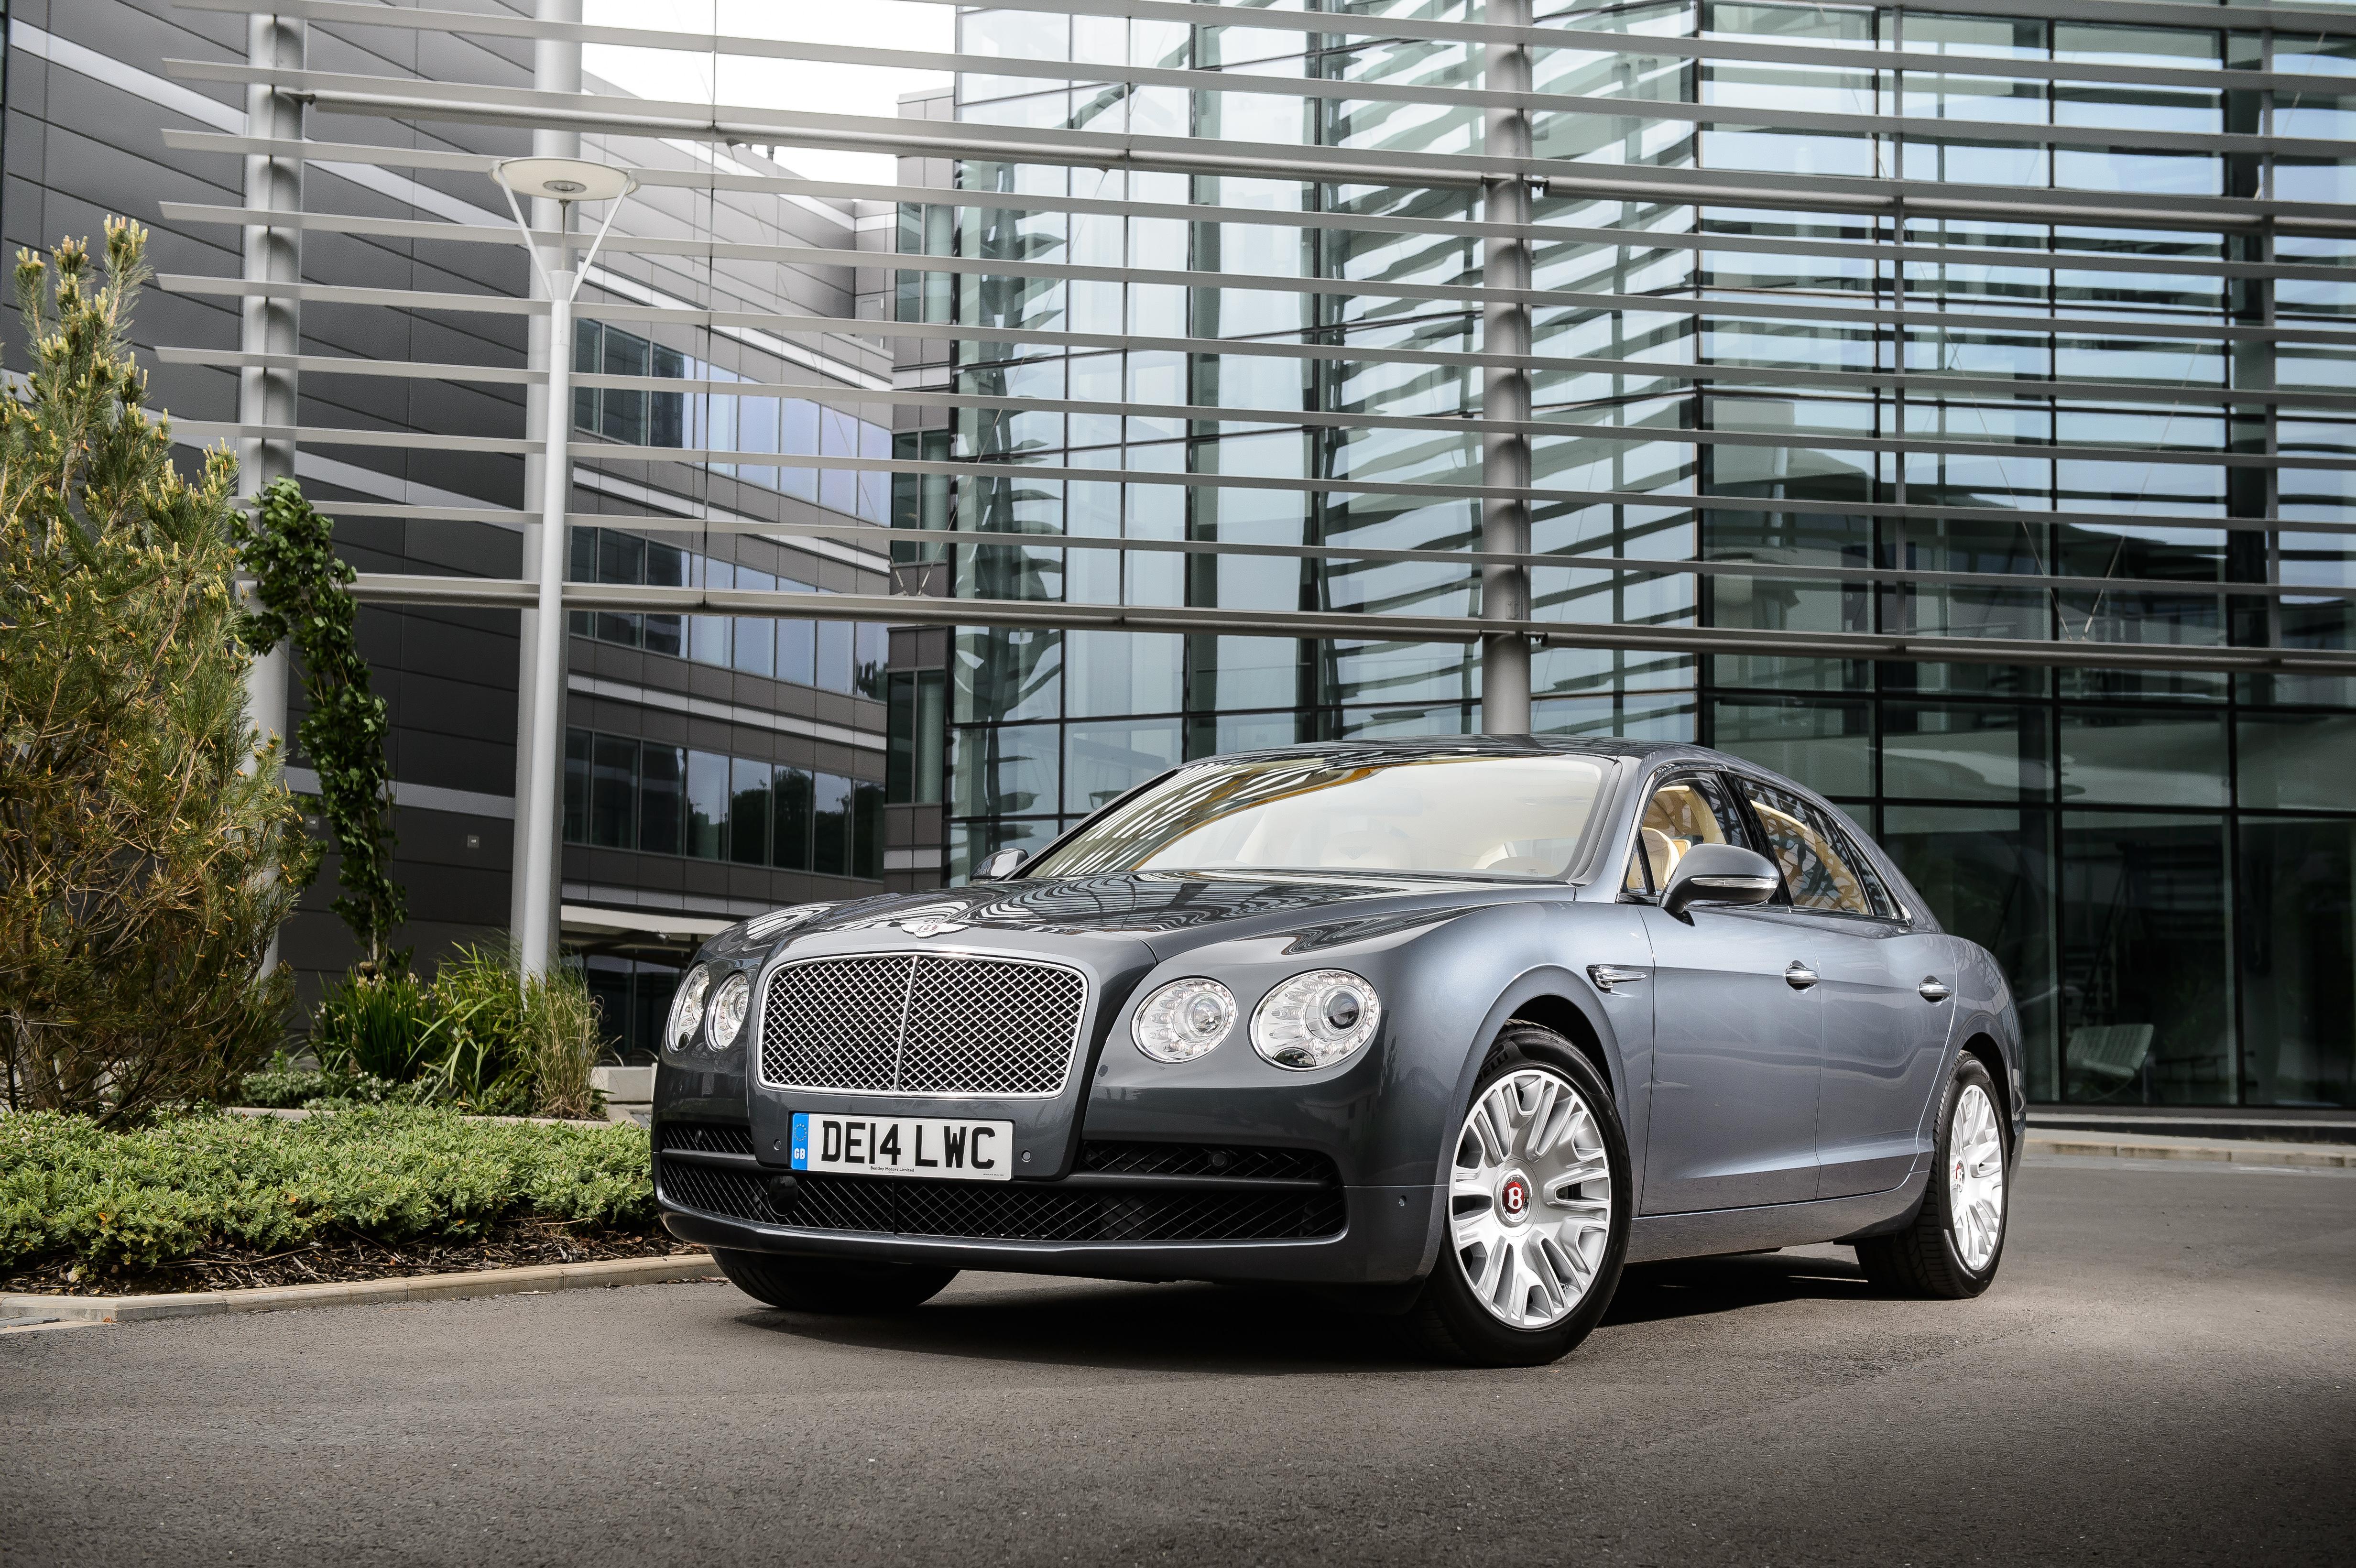 Bentley Flying Spur – testy i recenzje zdjęcia opinie dane techniczne